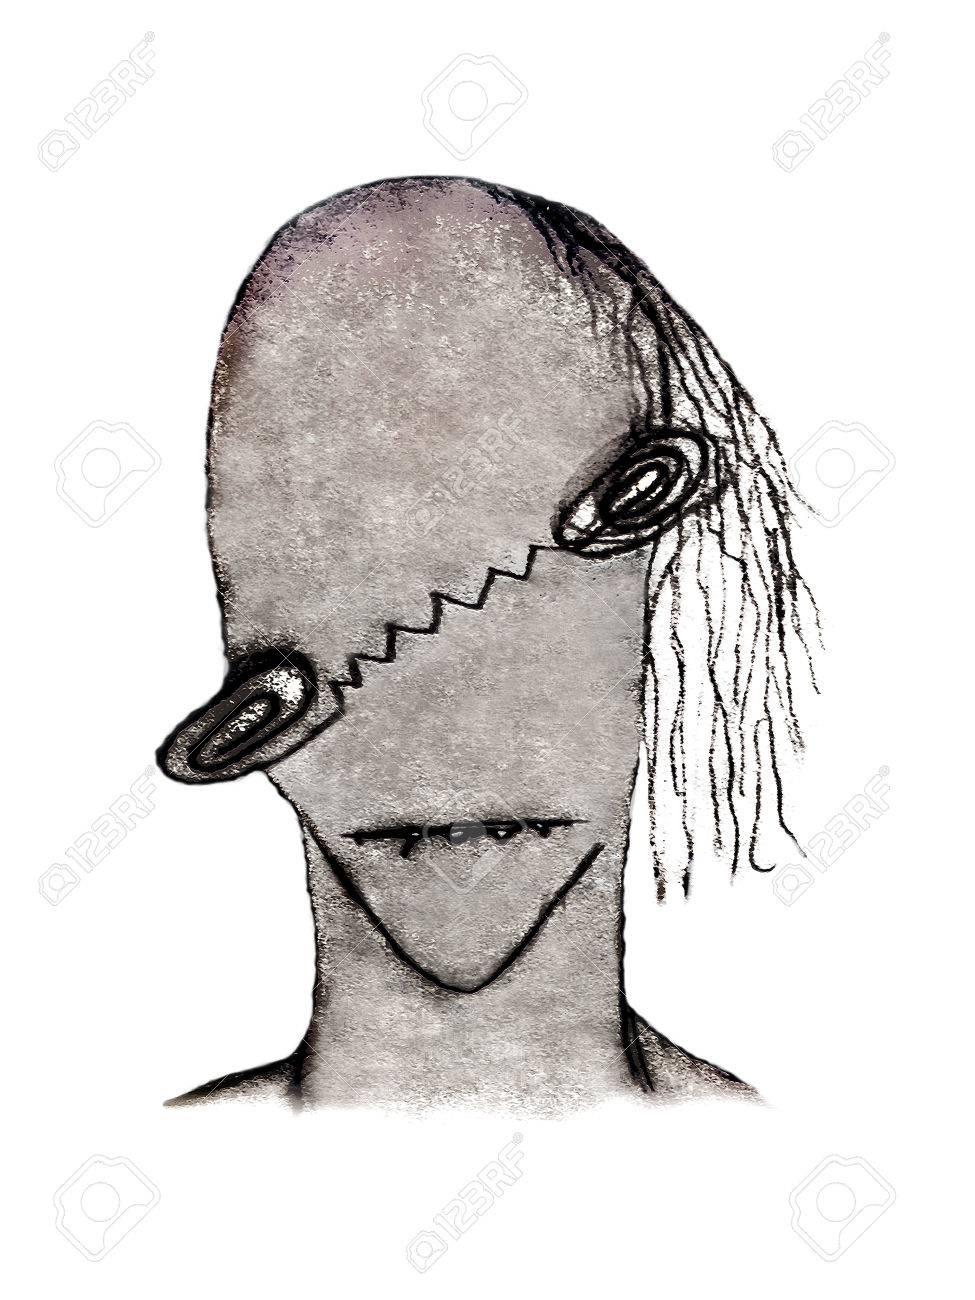 Dibujo A Lápiz Ilustraciones De Trama Que Representa A Un Monstruo